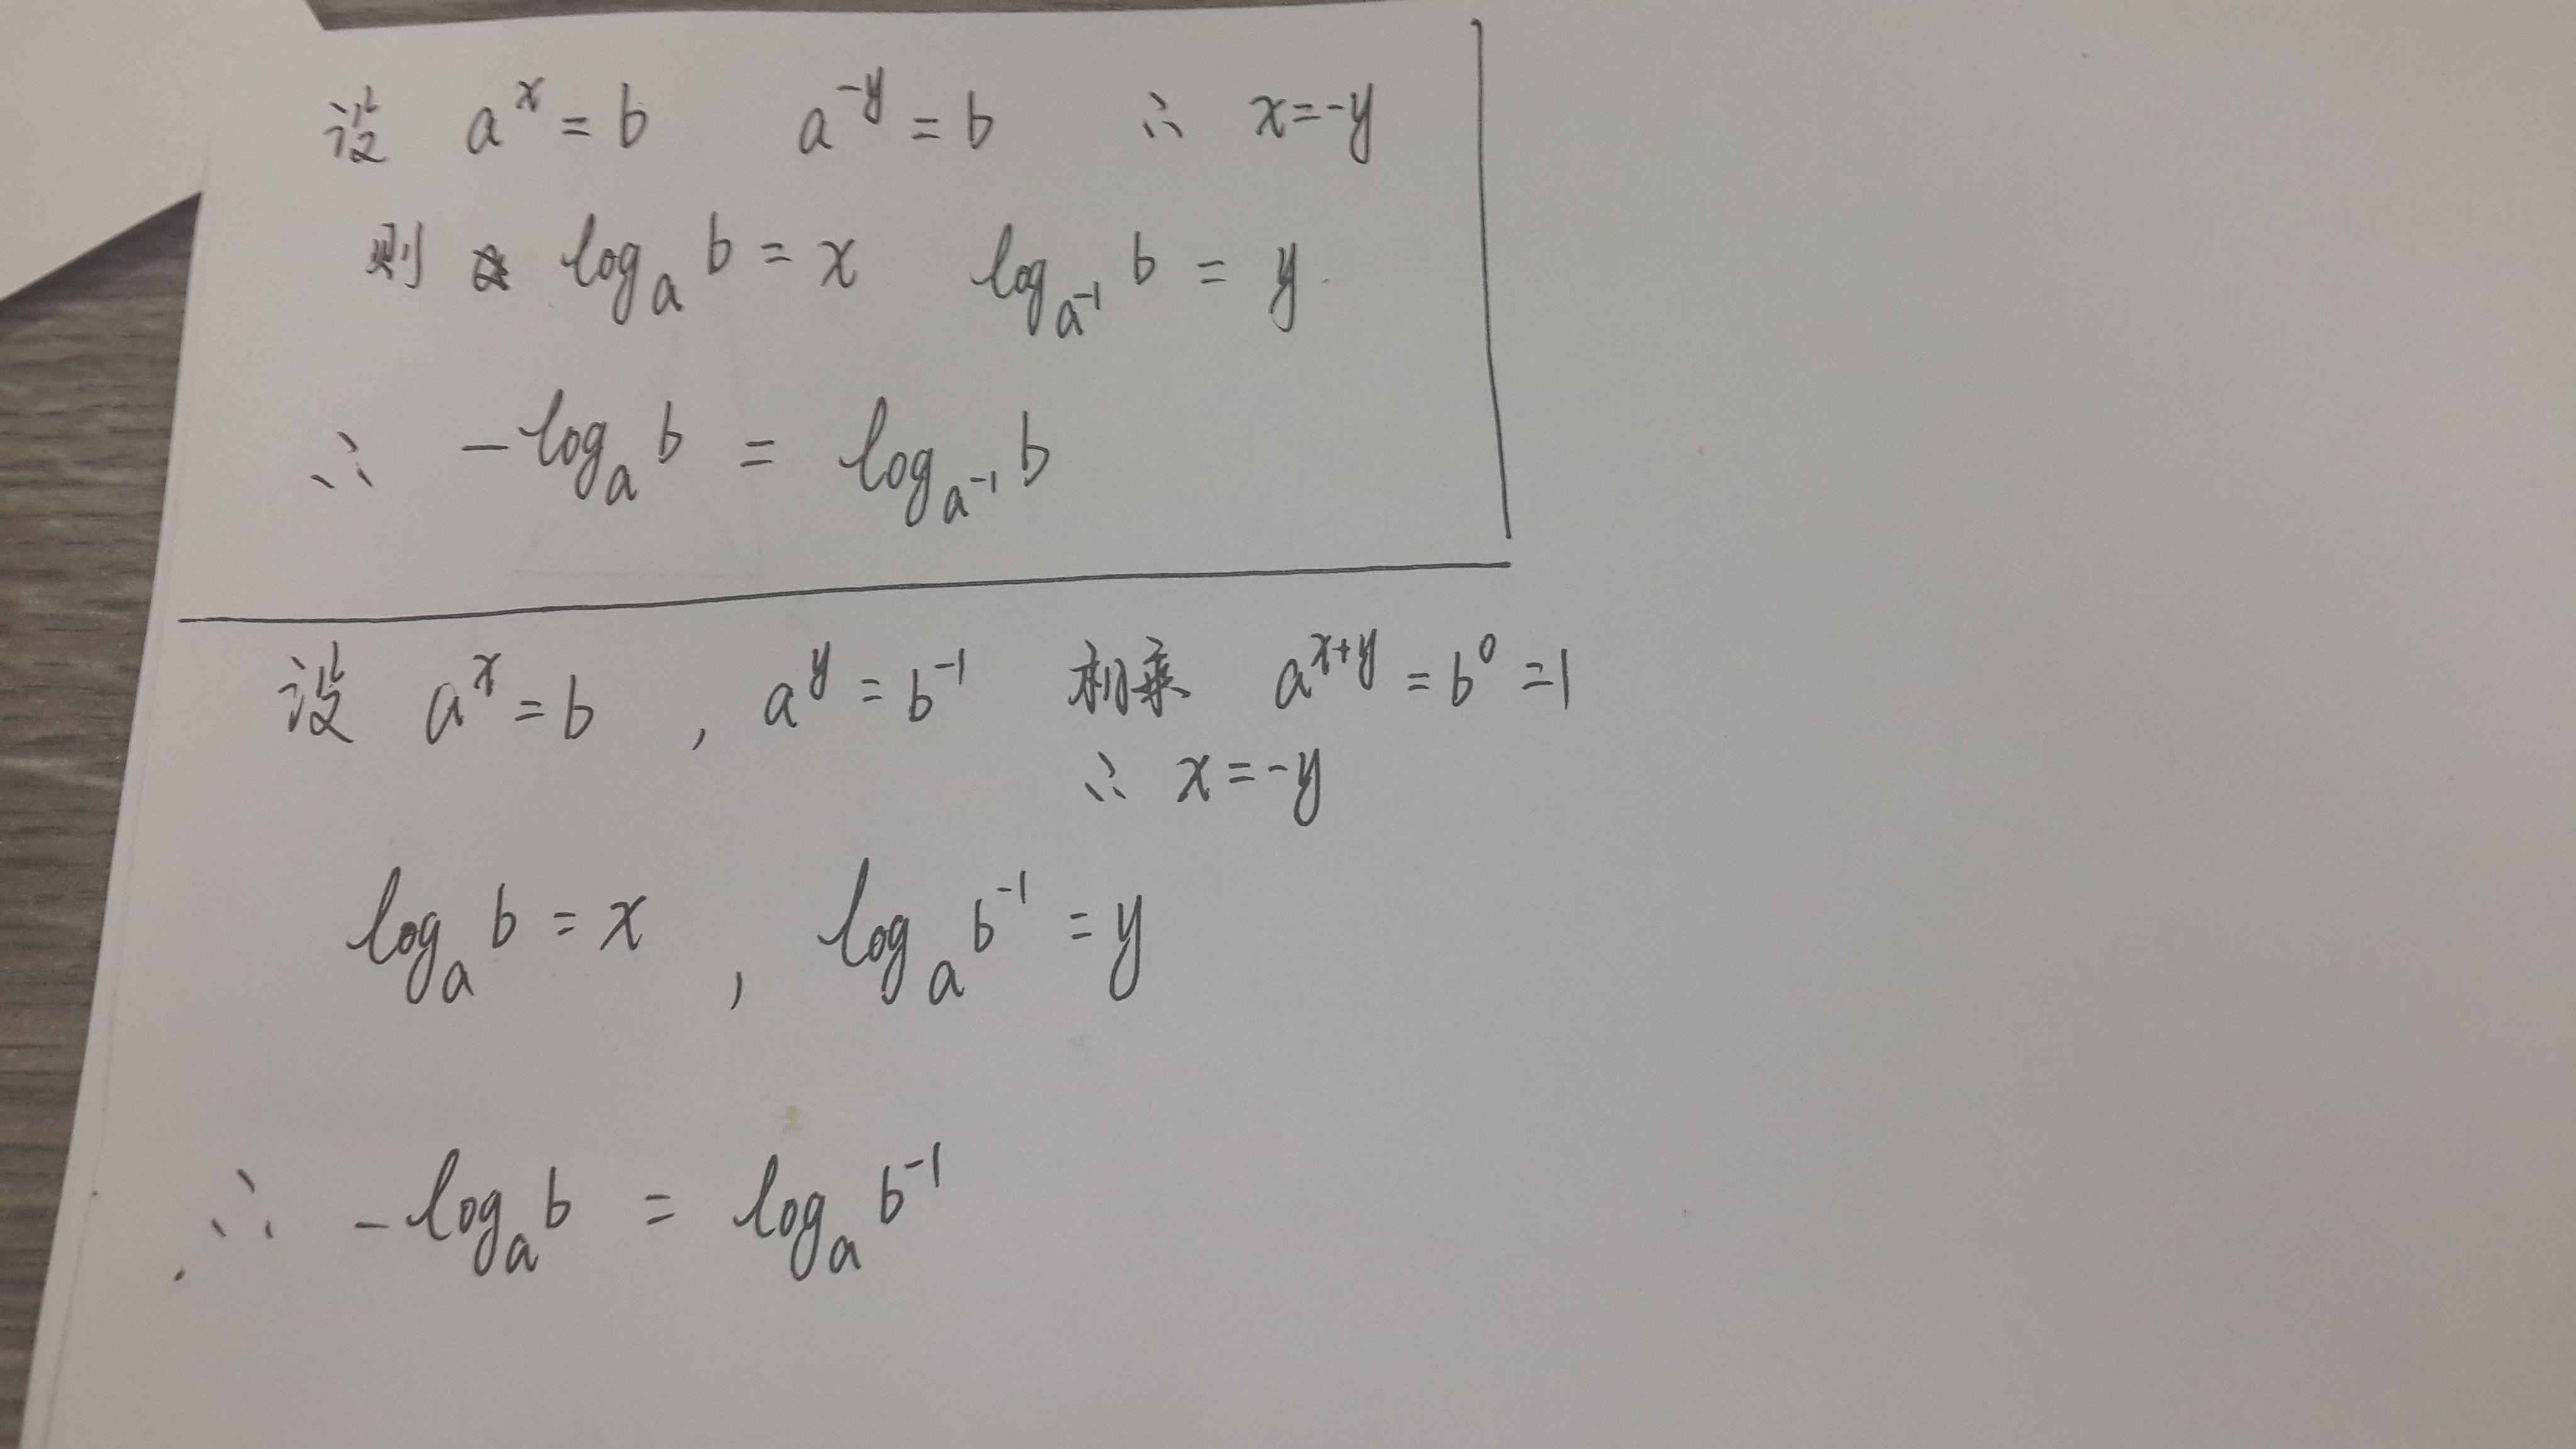 計算 方法 log デシベルの意味と計算式の4つのポイント